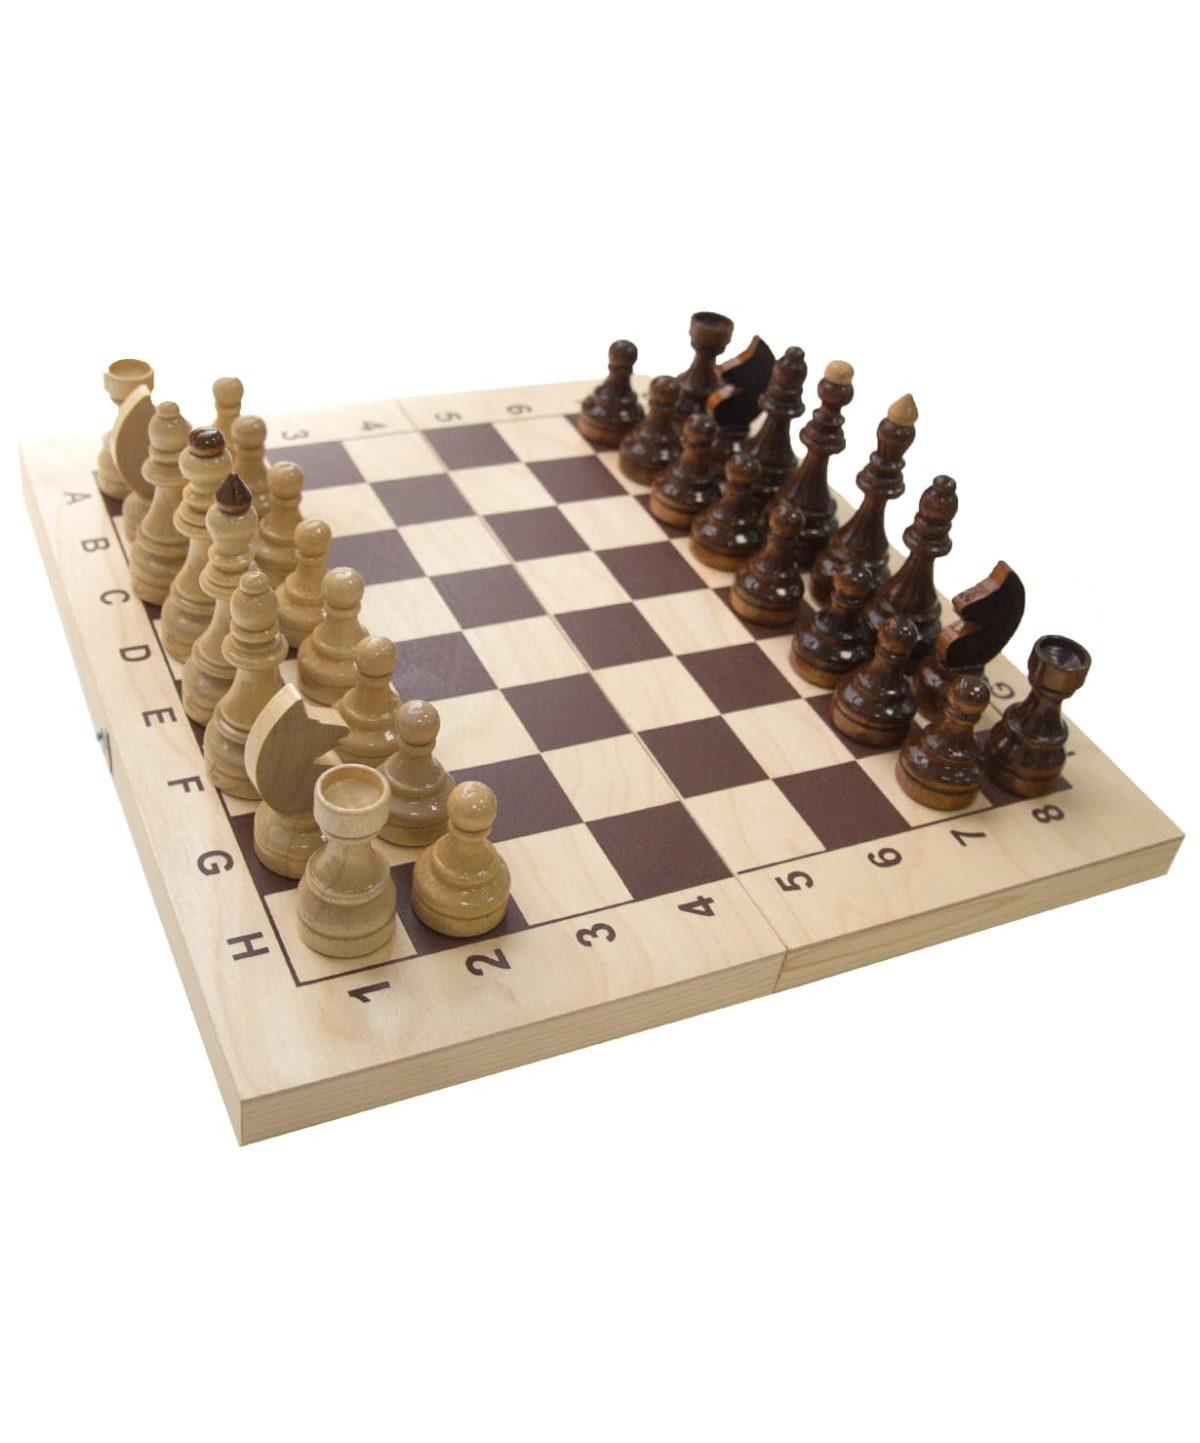 Шахматы гроссмейстерские, лакированные  2771(Е-1) - 1